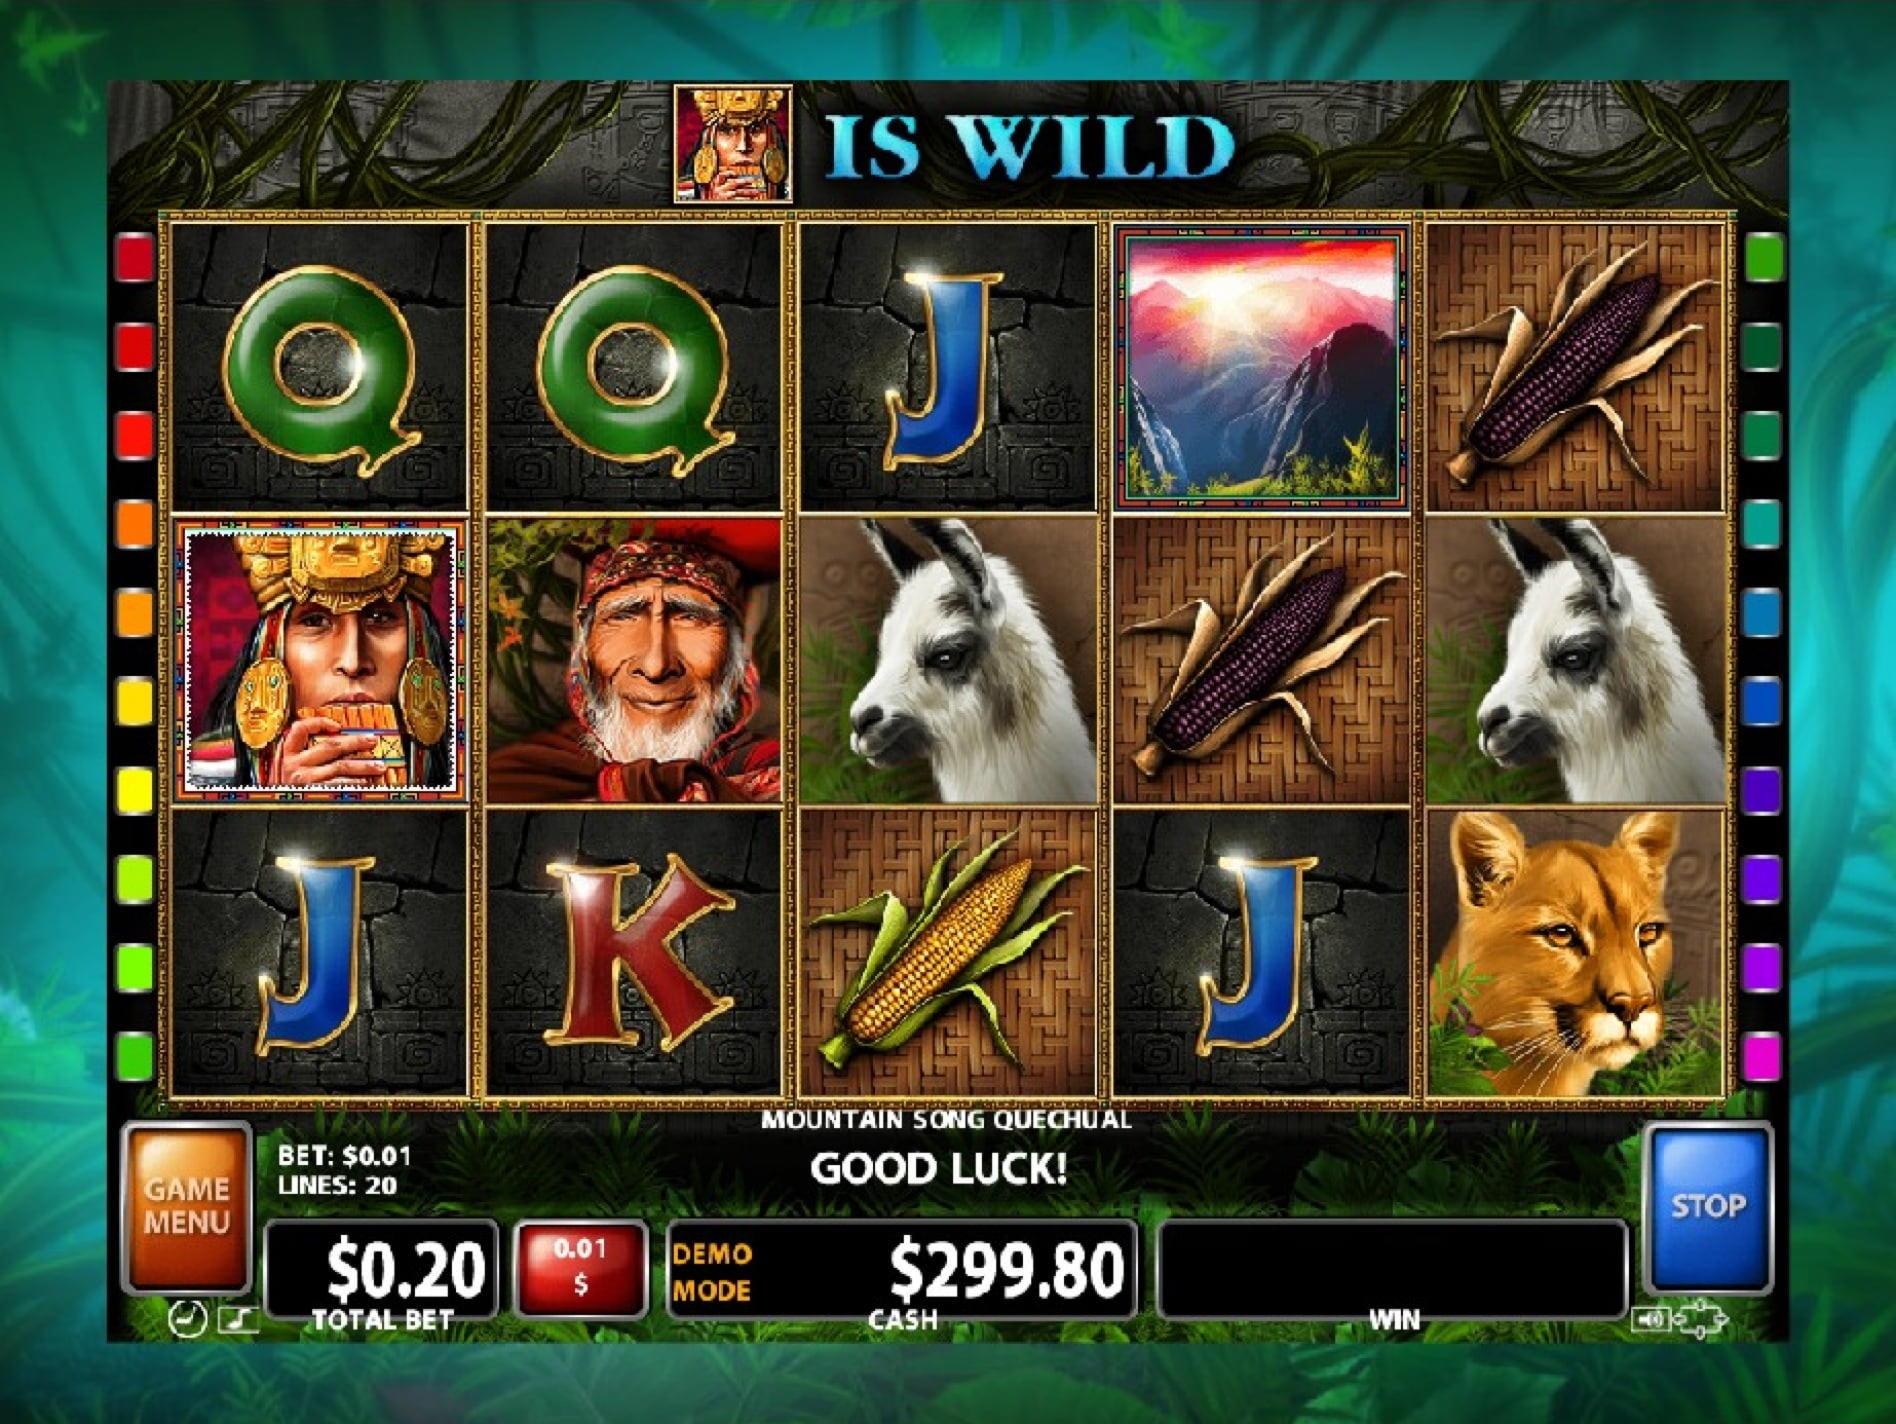 120 Free Casino Chip at Desert Nights